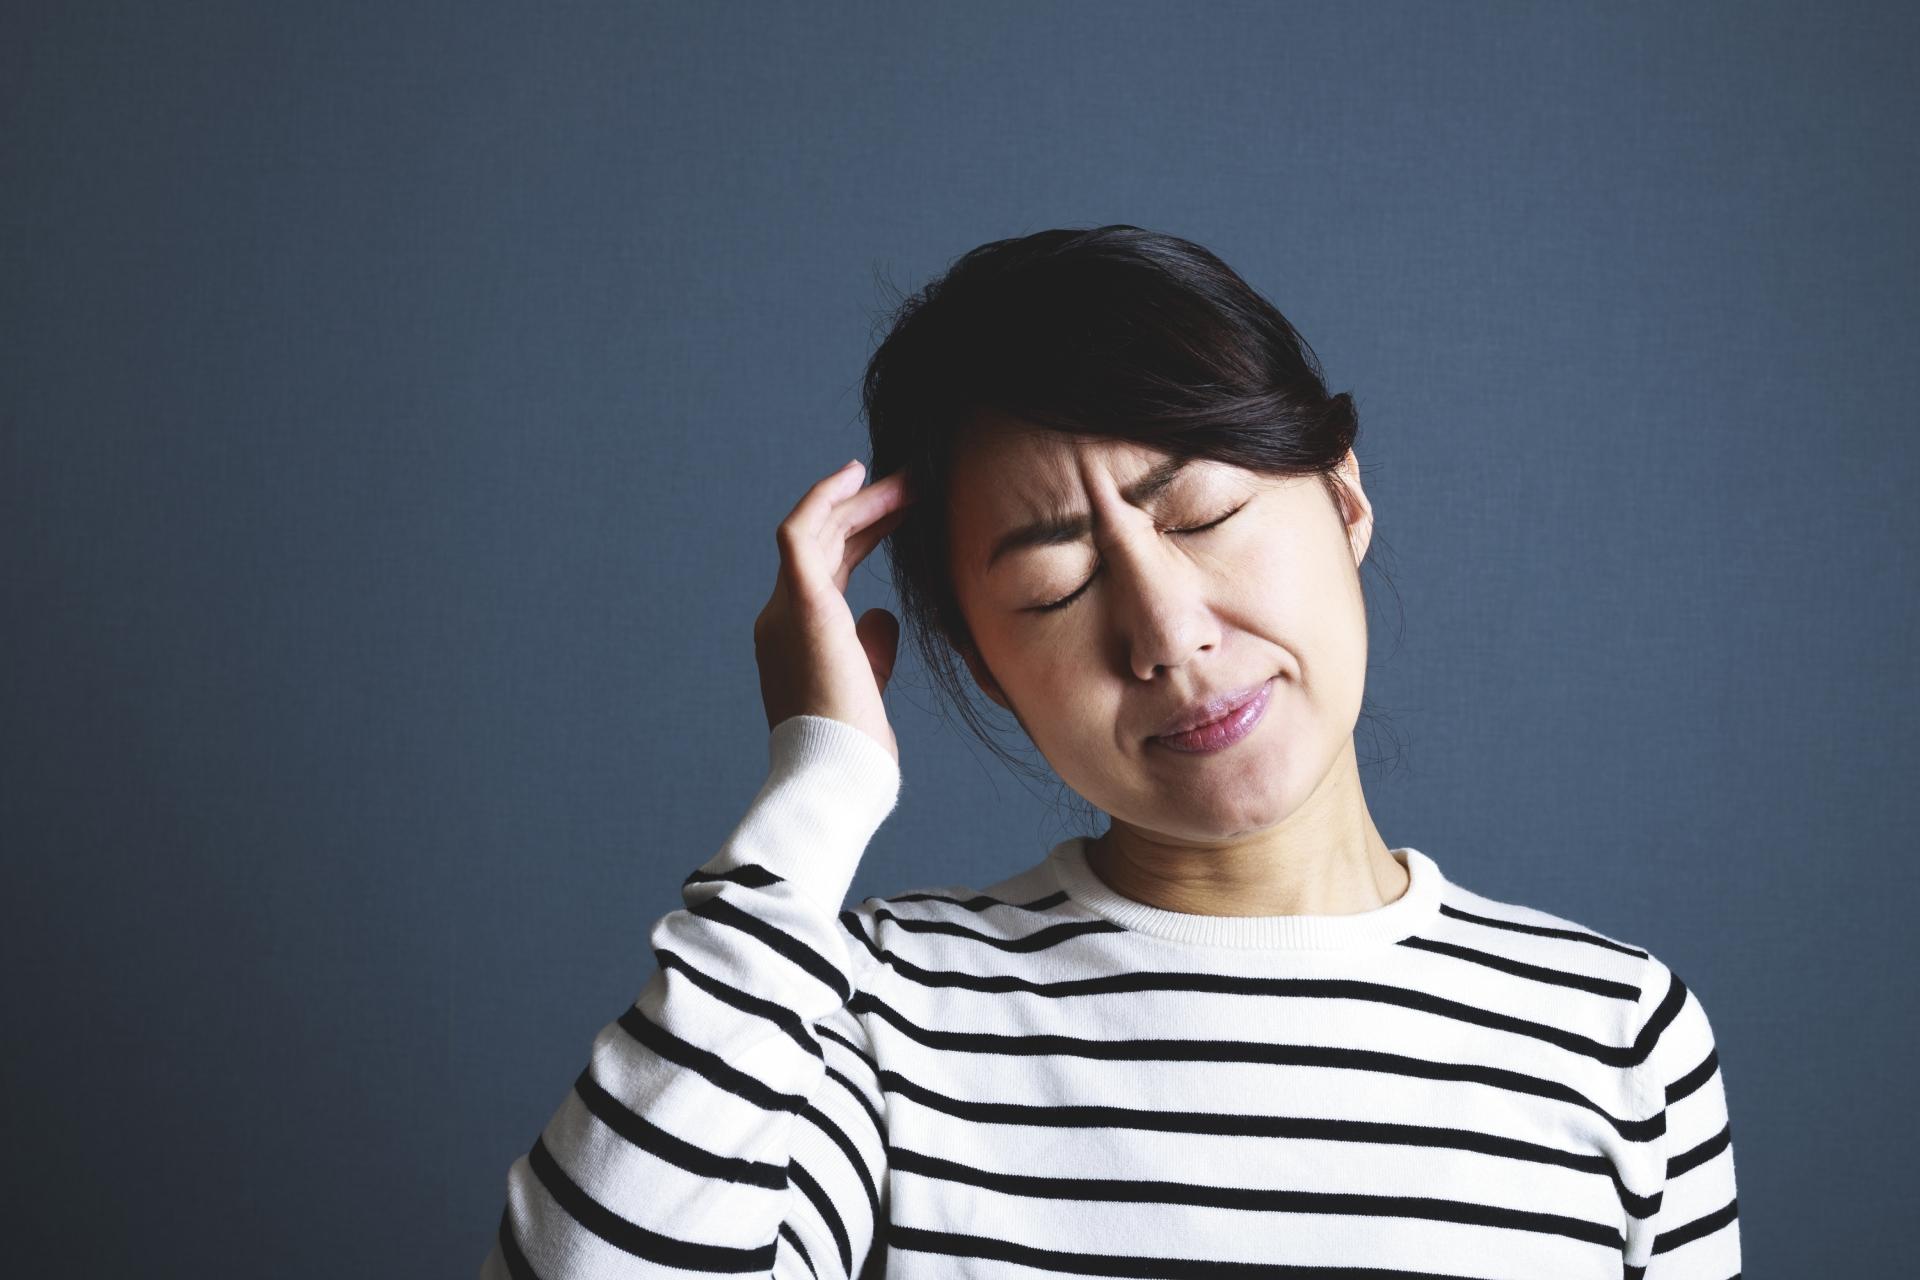 痛みの原因は? 肩こりと片頭痛の関係